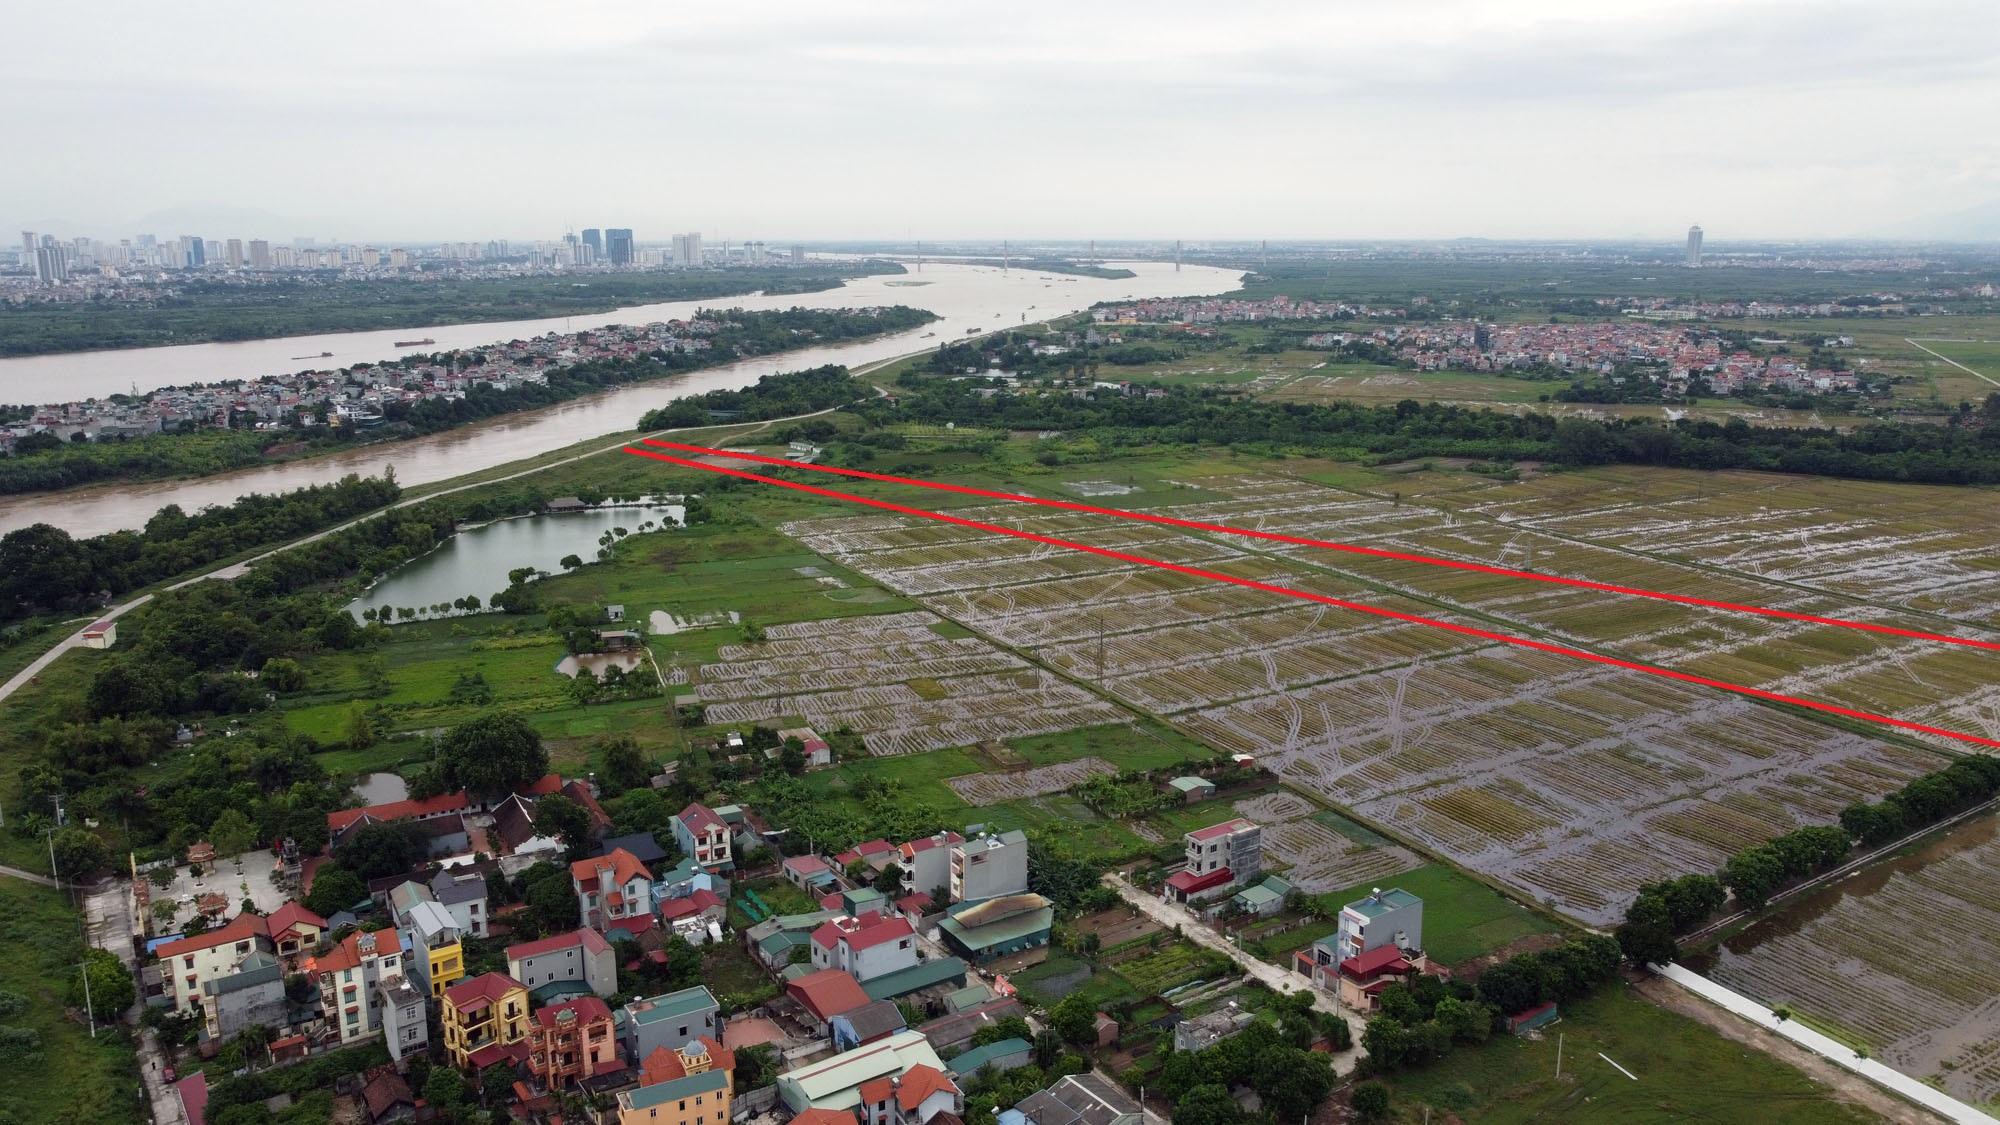 4 đường sẽ mở theo qui hoạch ở xã Đông Hội, Đông Anh, Hà Nội - Ảnh 13.